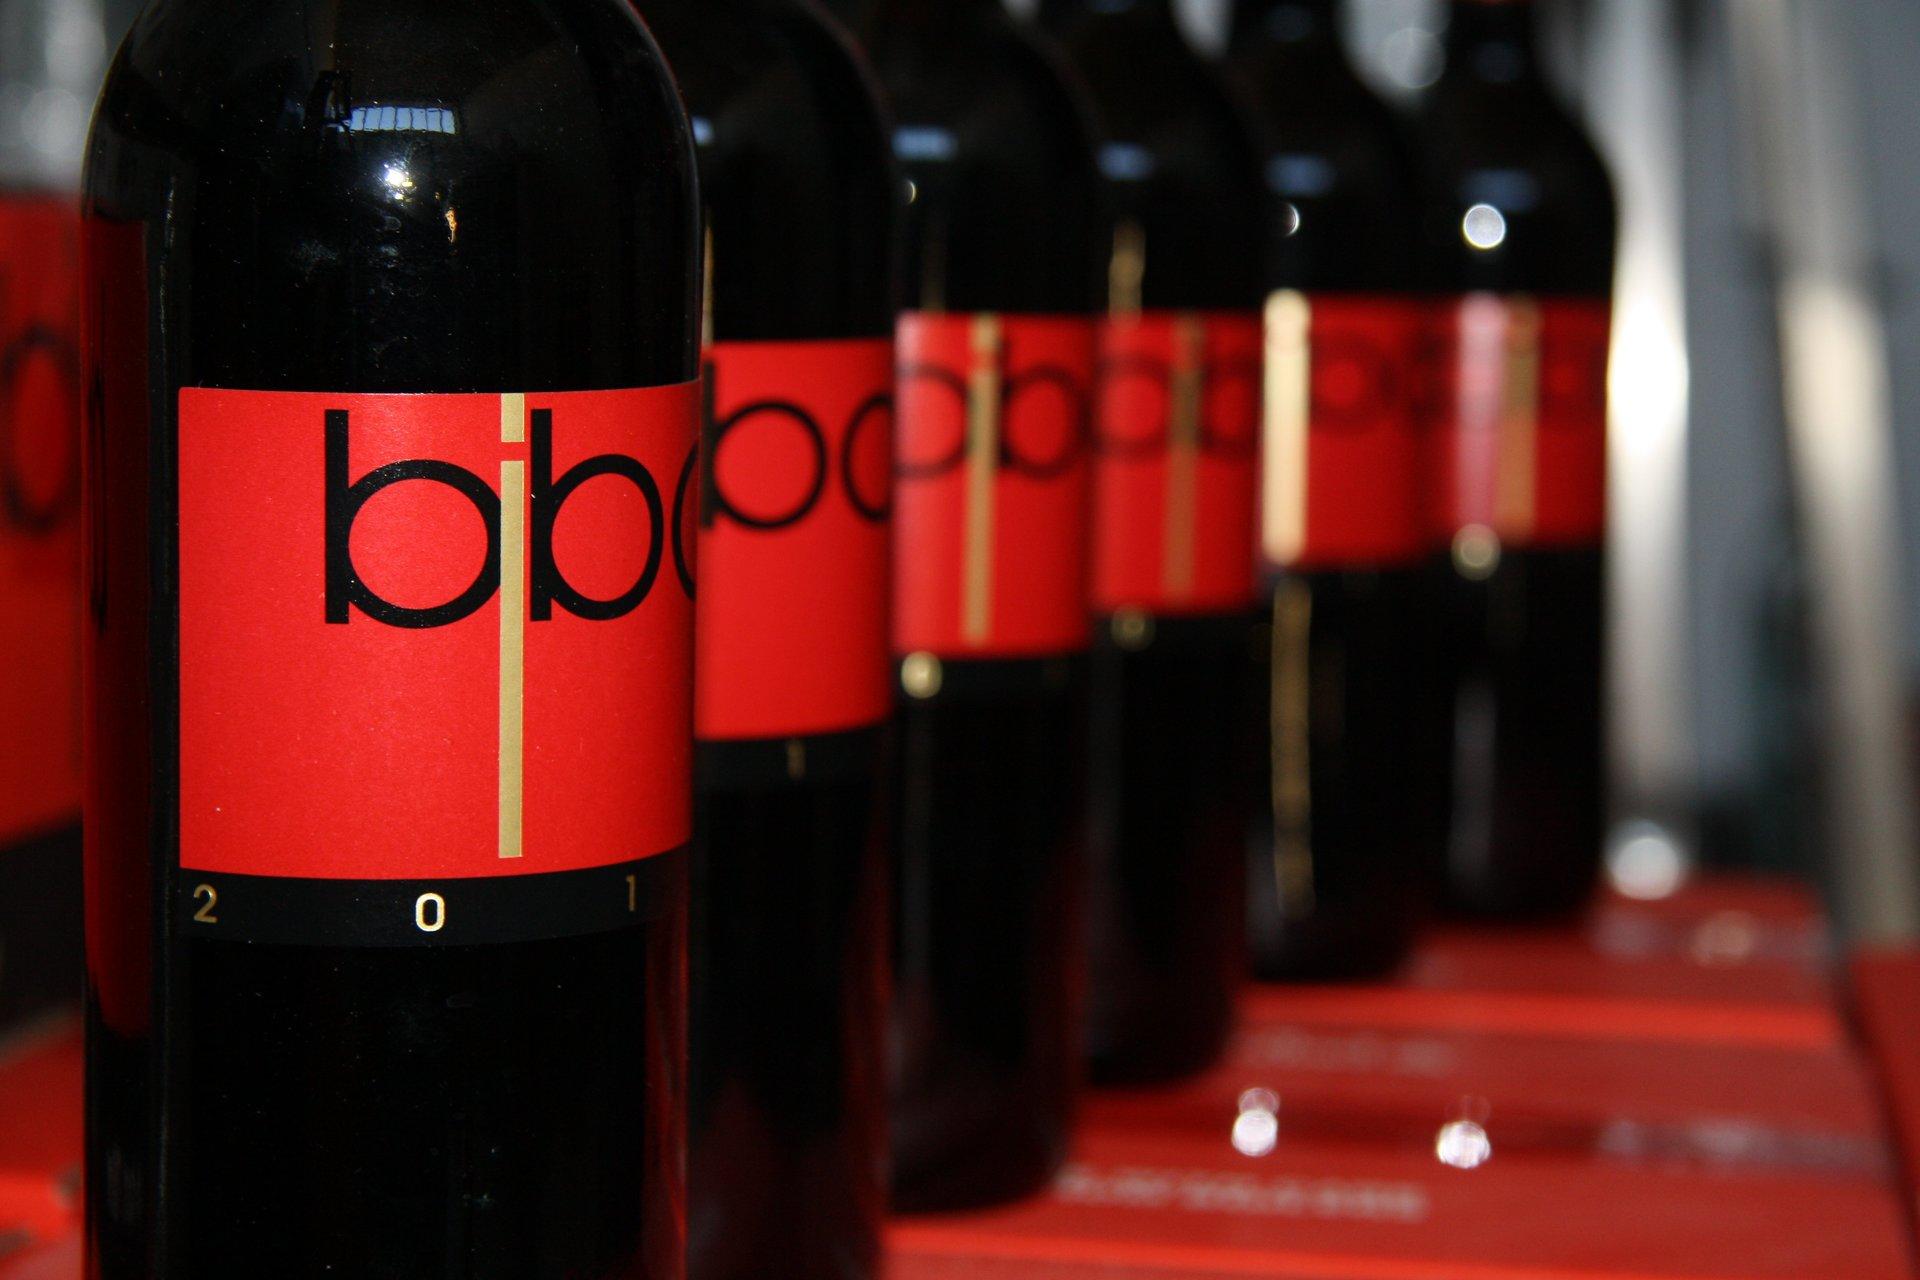 bottiglie vino Bibo